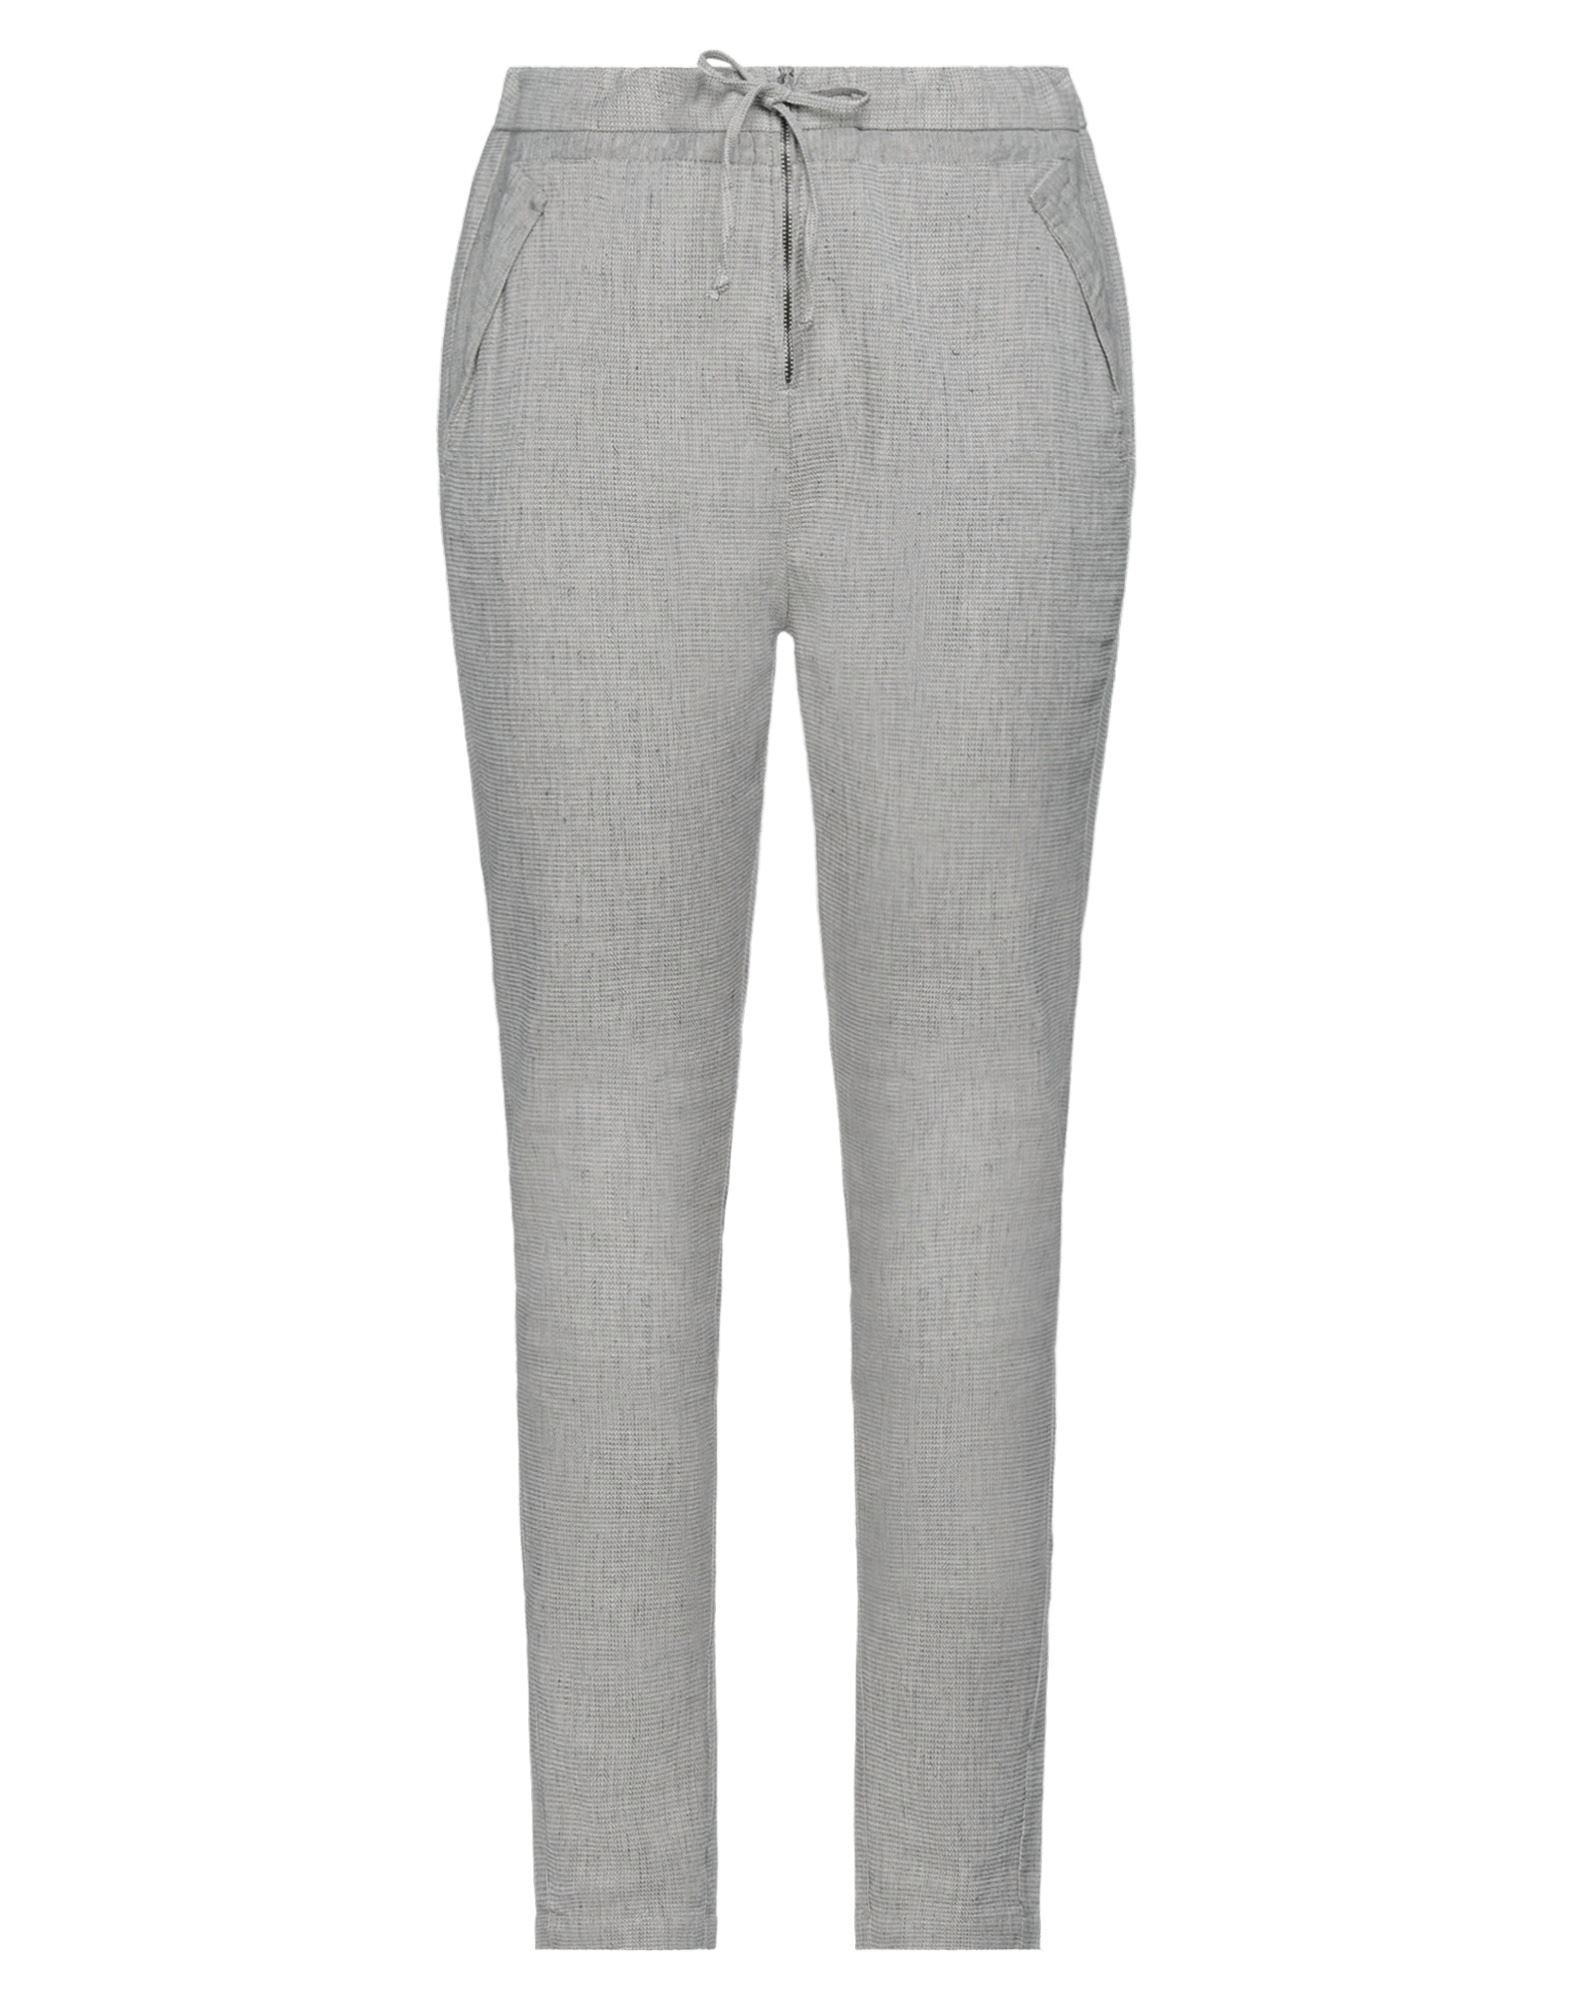 TRANSIT PAR-SUCH Casual pants - Item 13586278